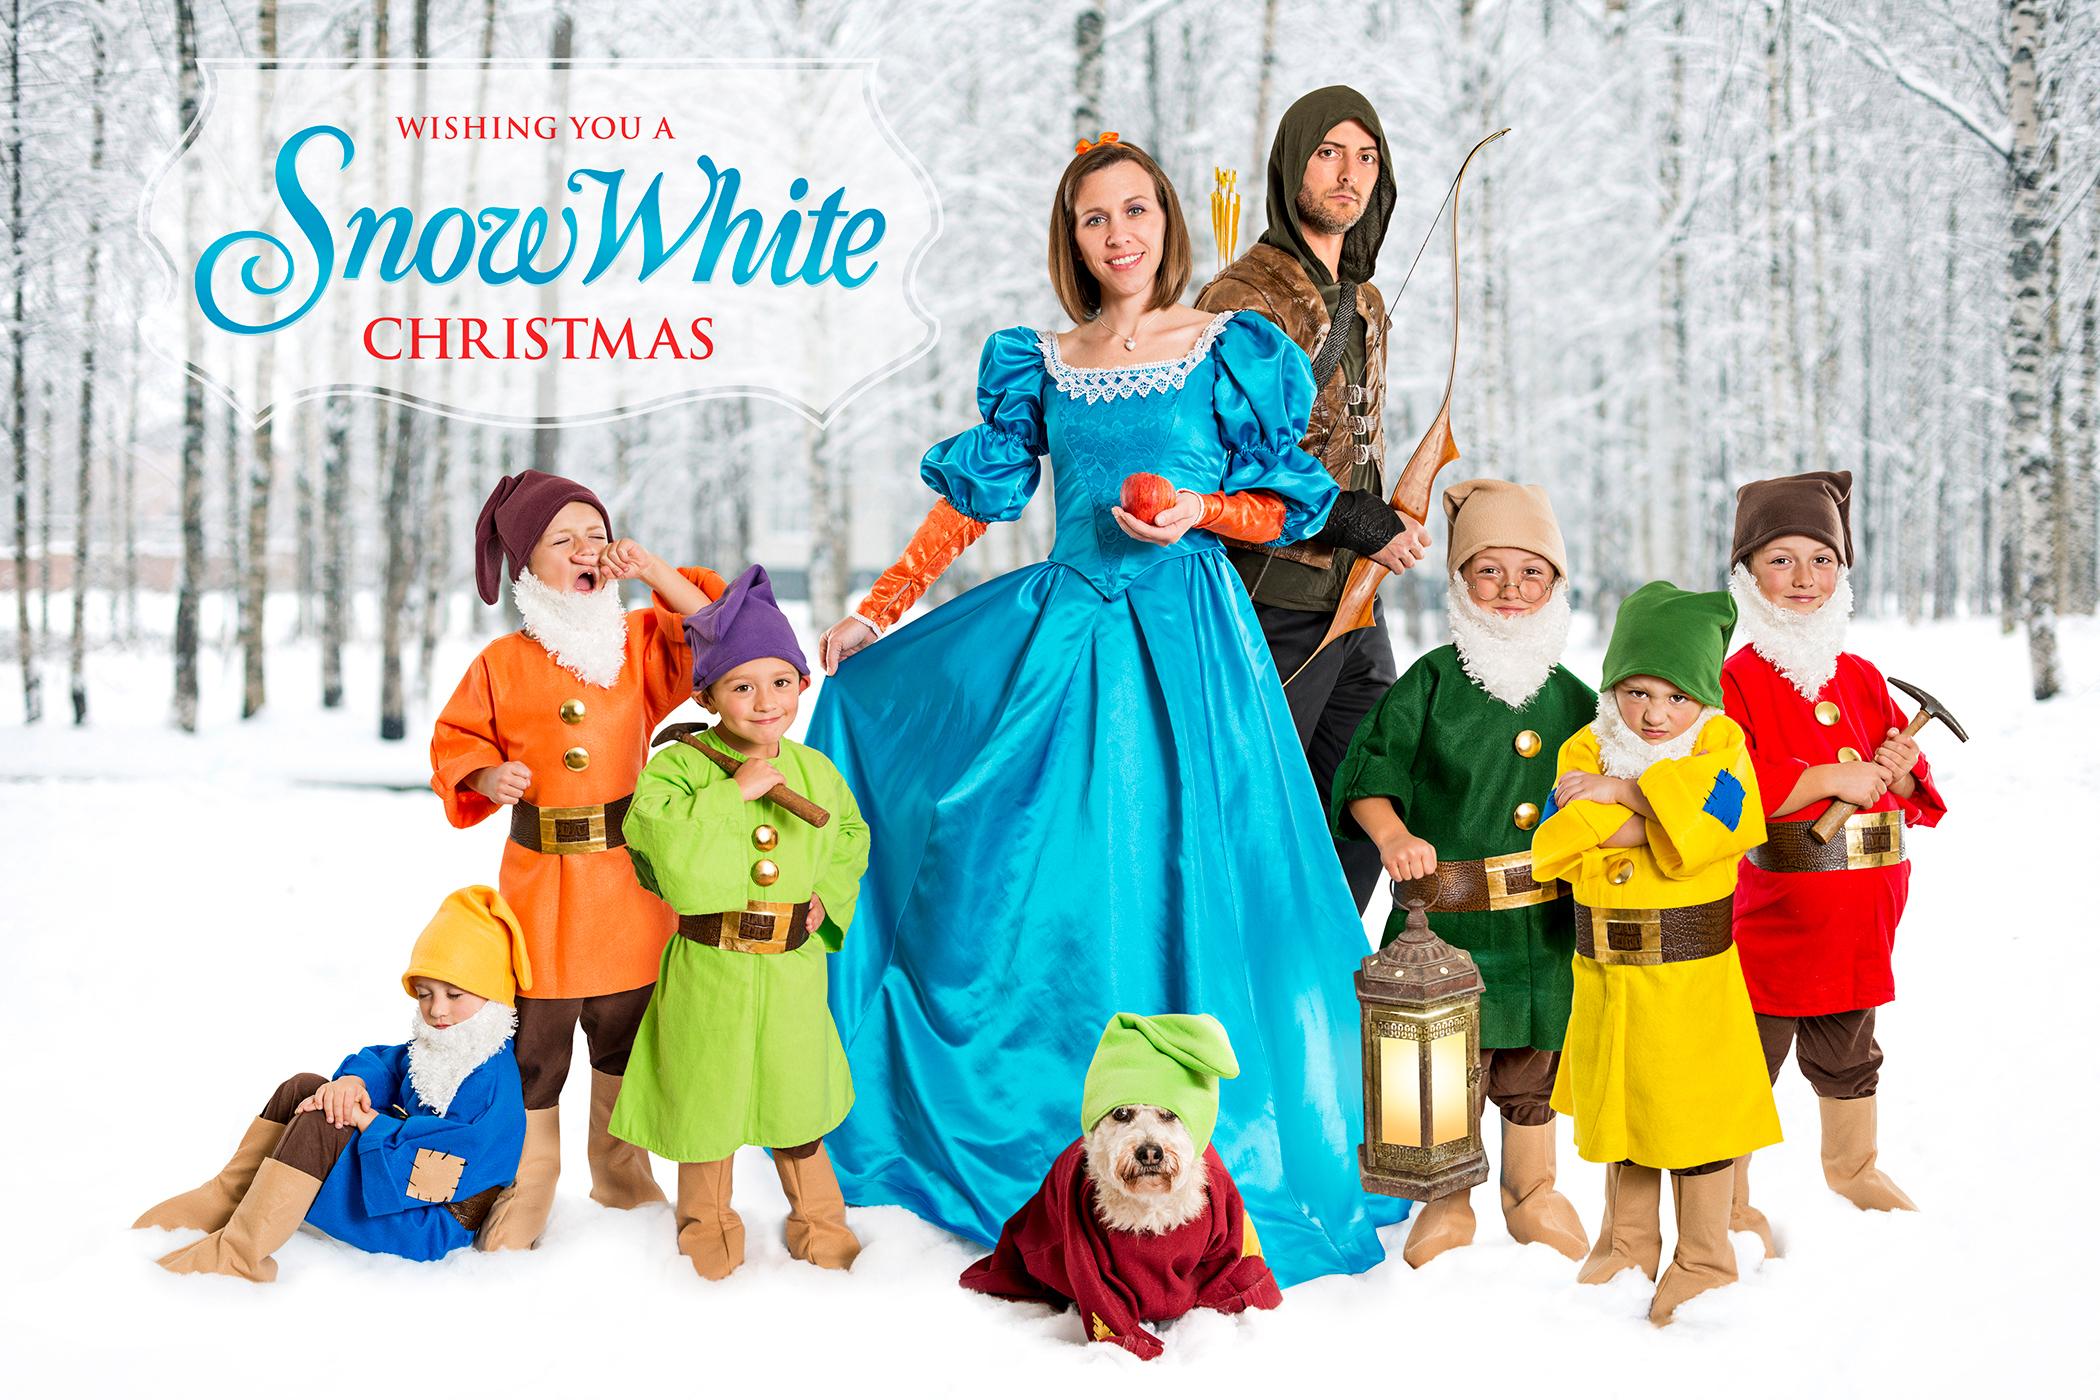 Skinner Snow White Christmas